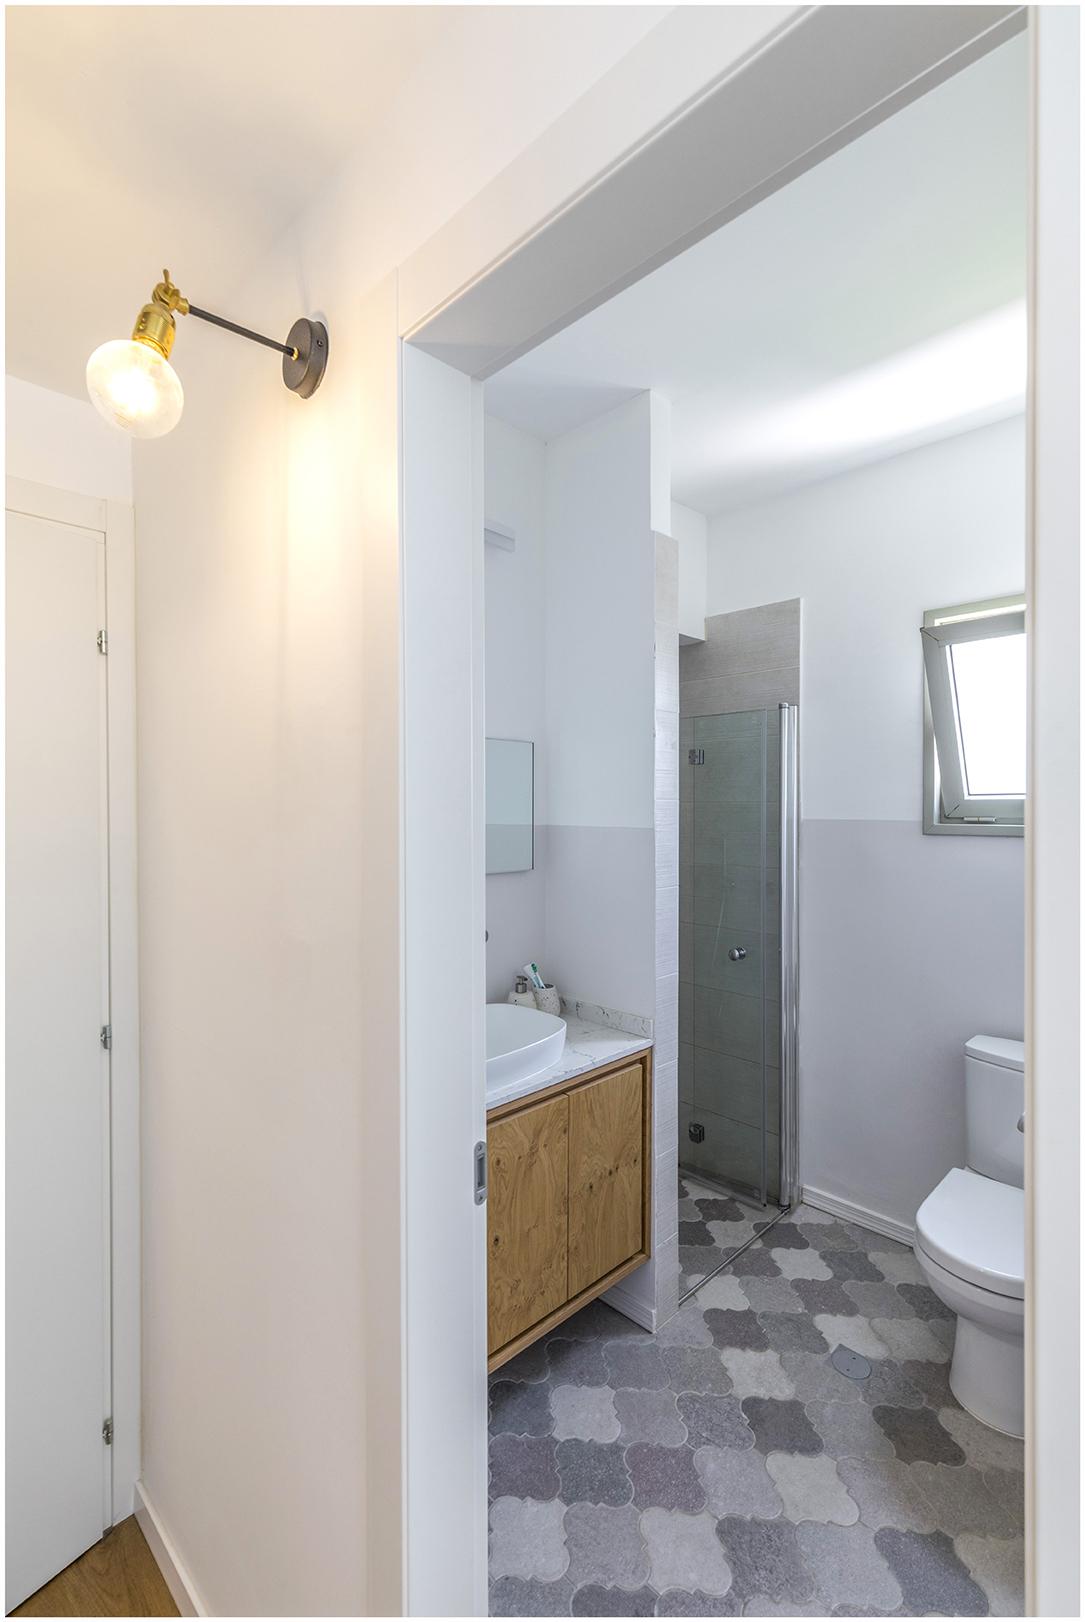 דירה בצפון תל אביב - חדר רחצה